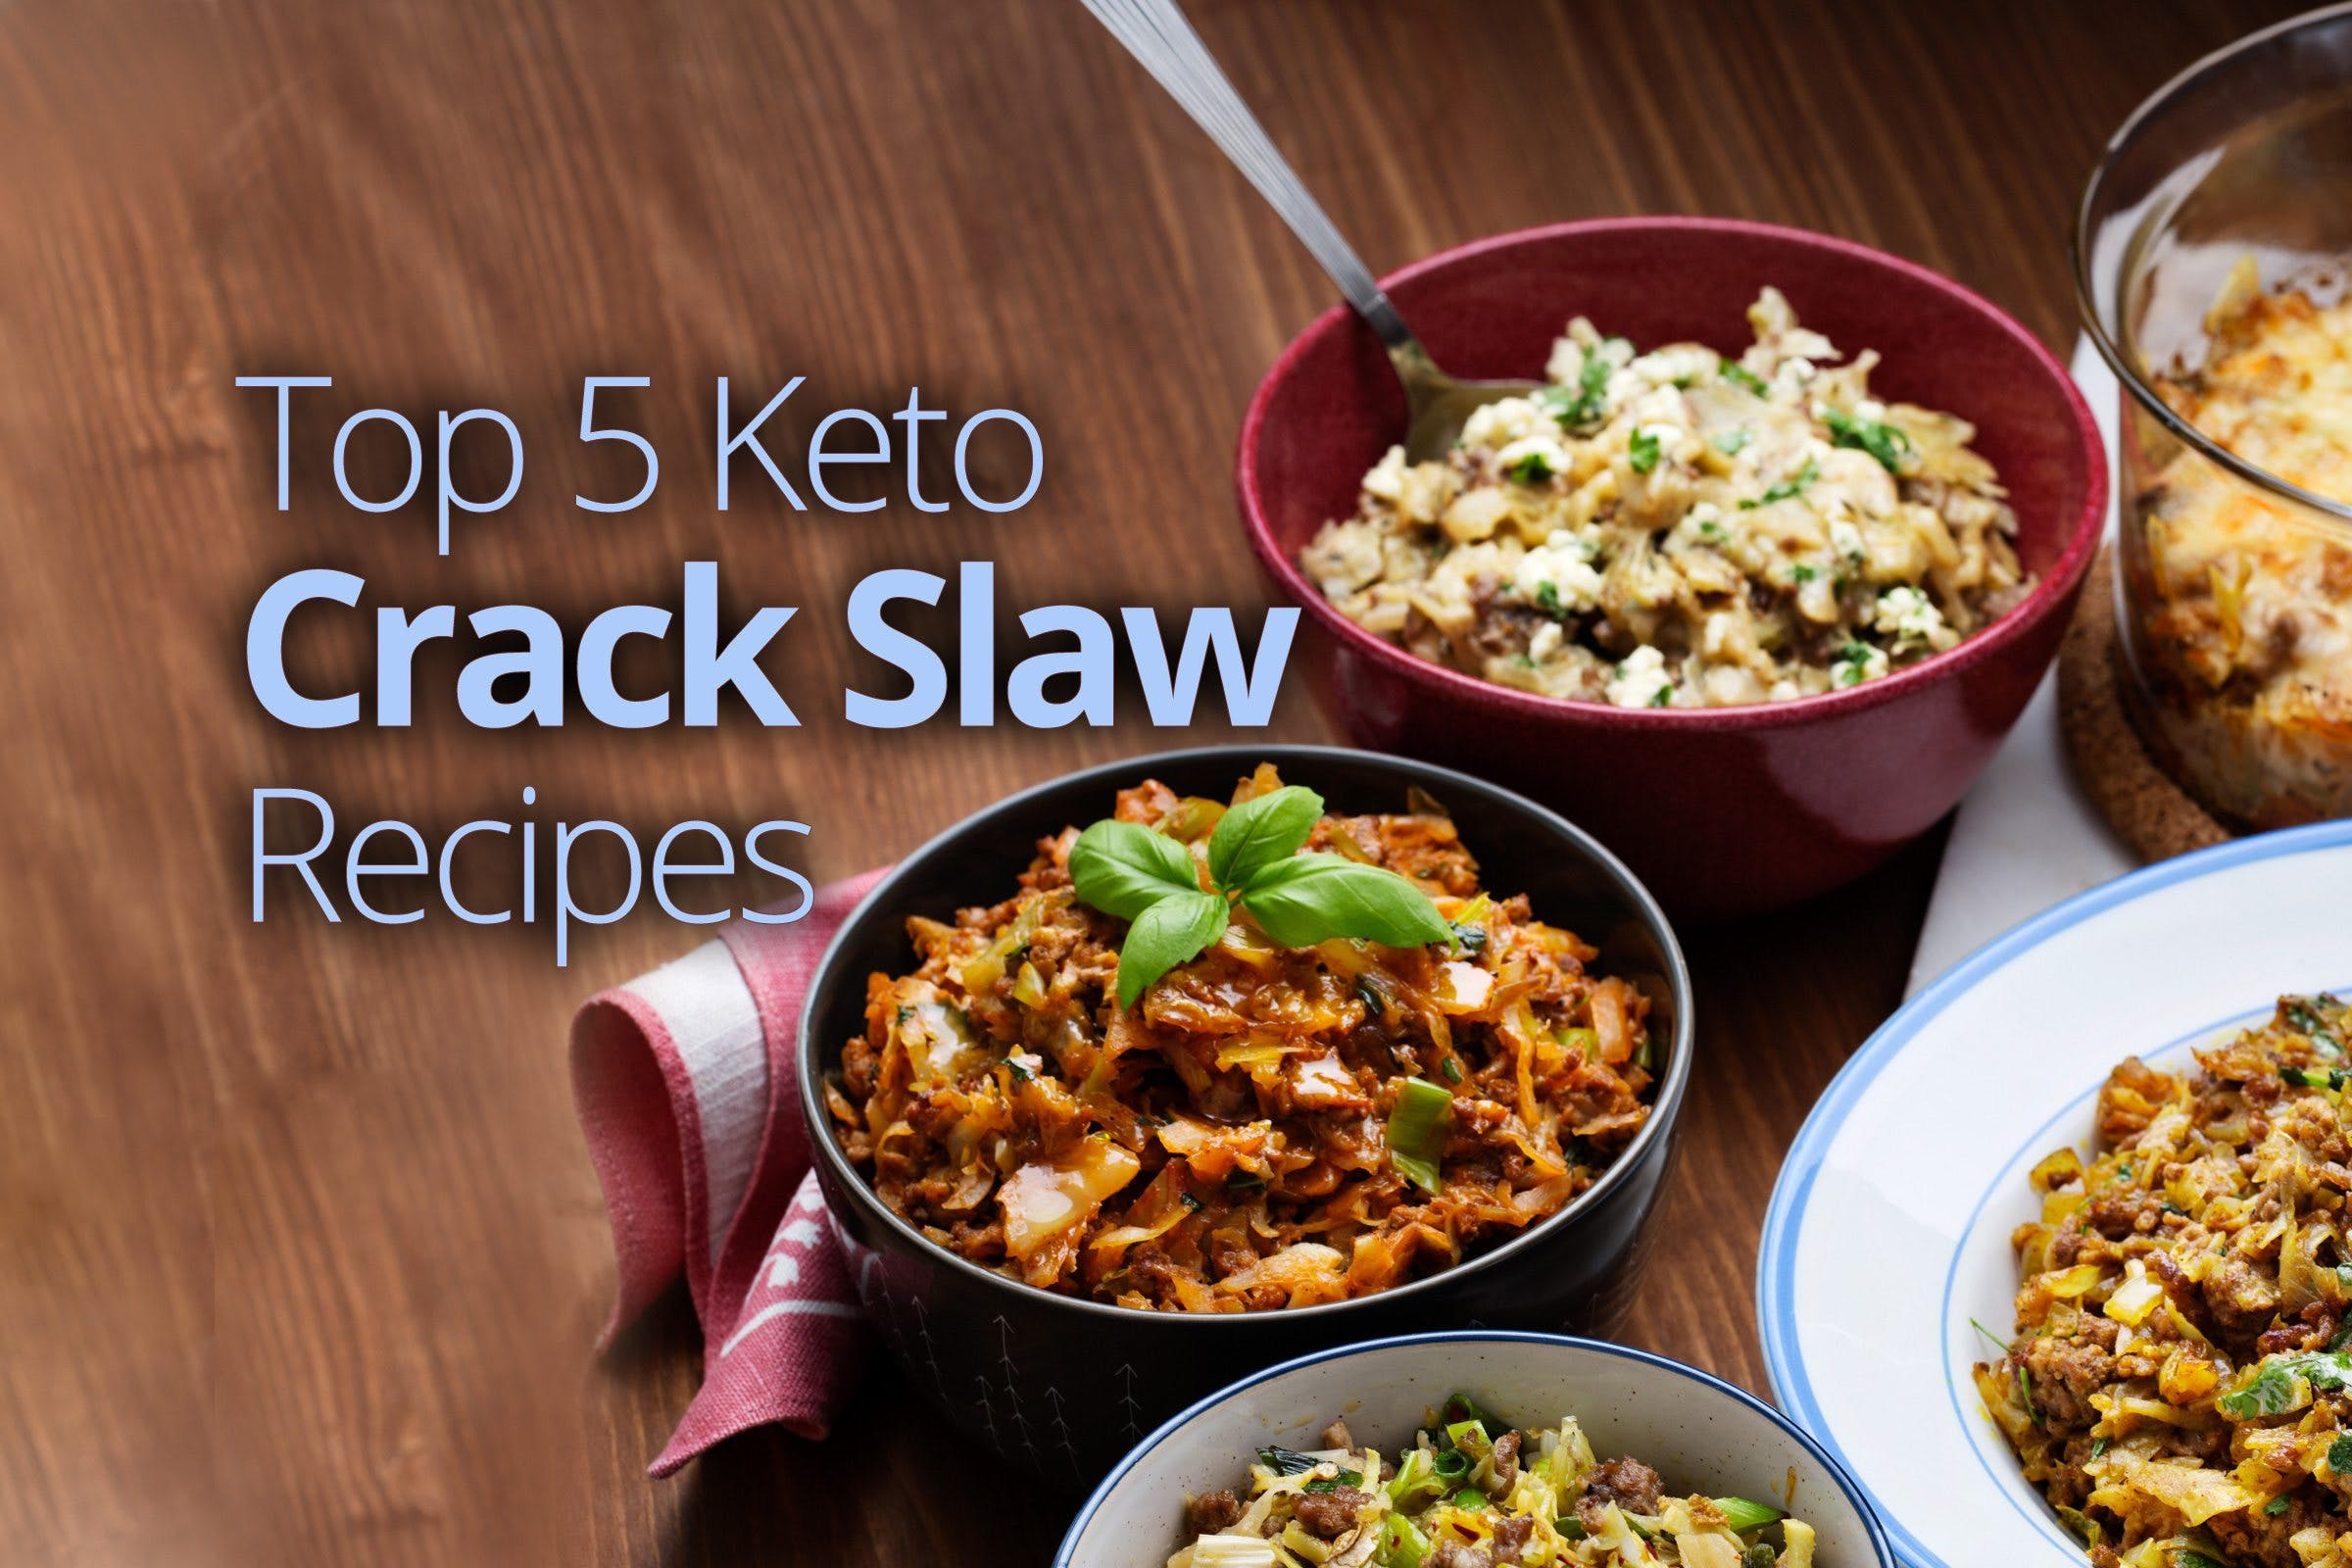 Top 5 keto crack slaw recipes